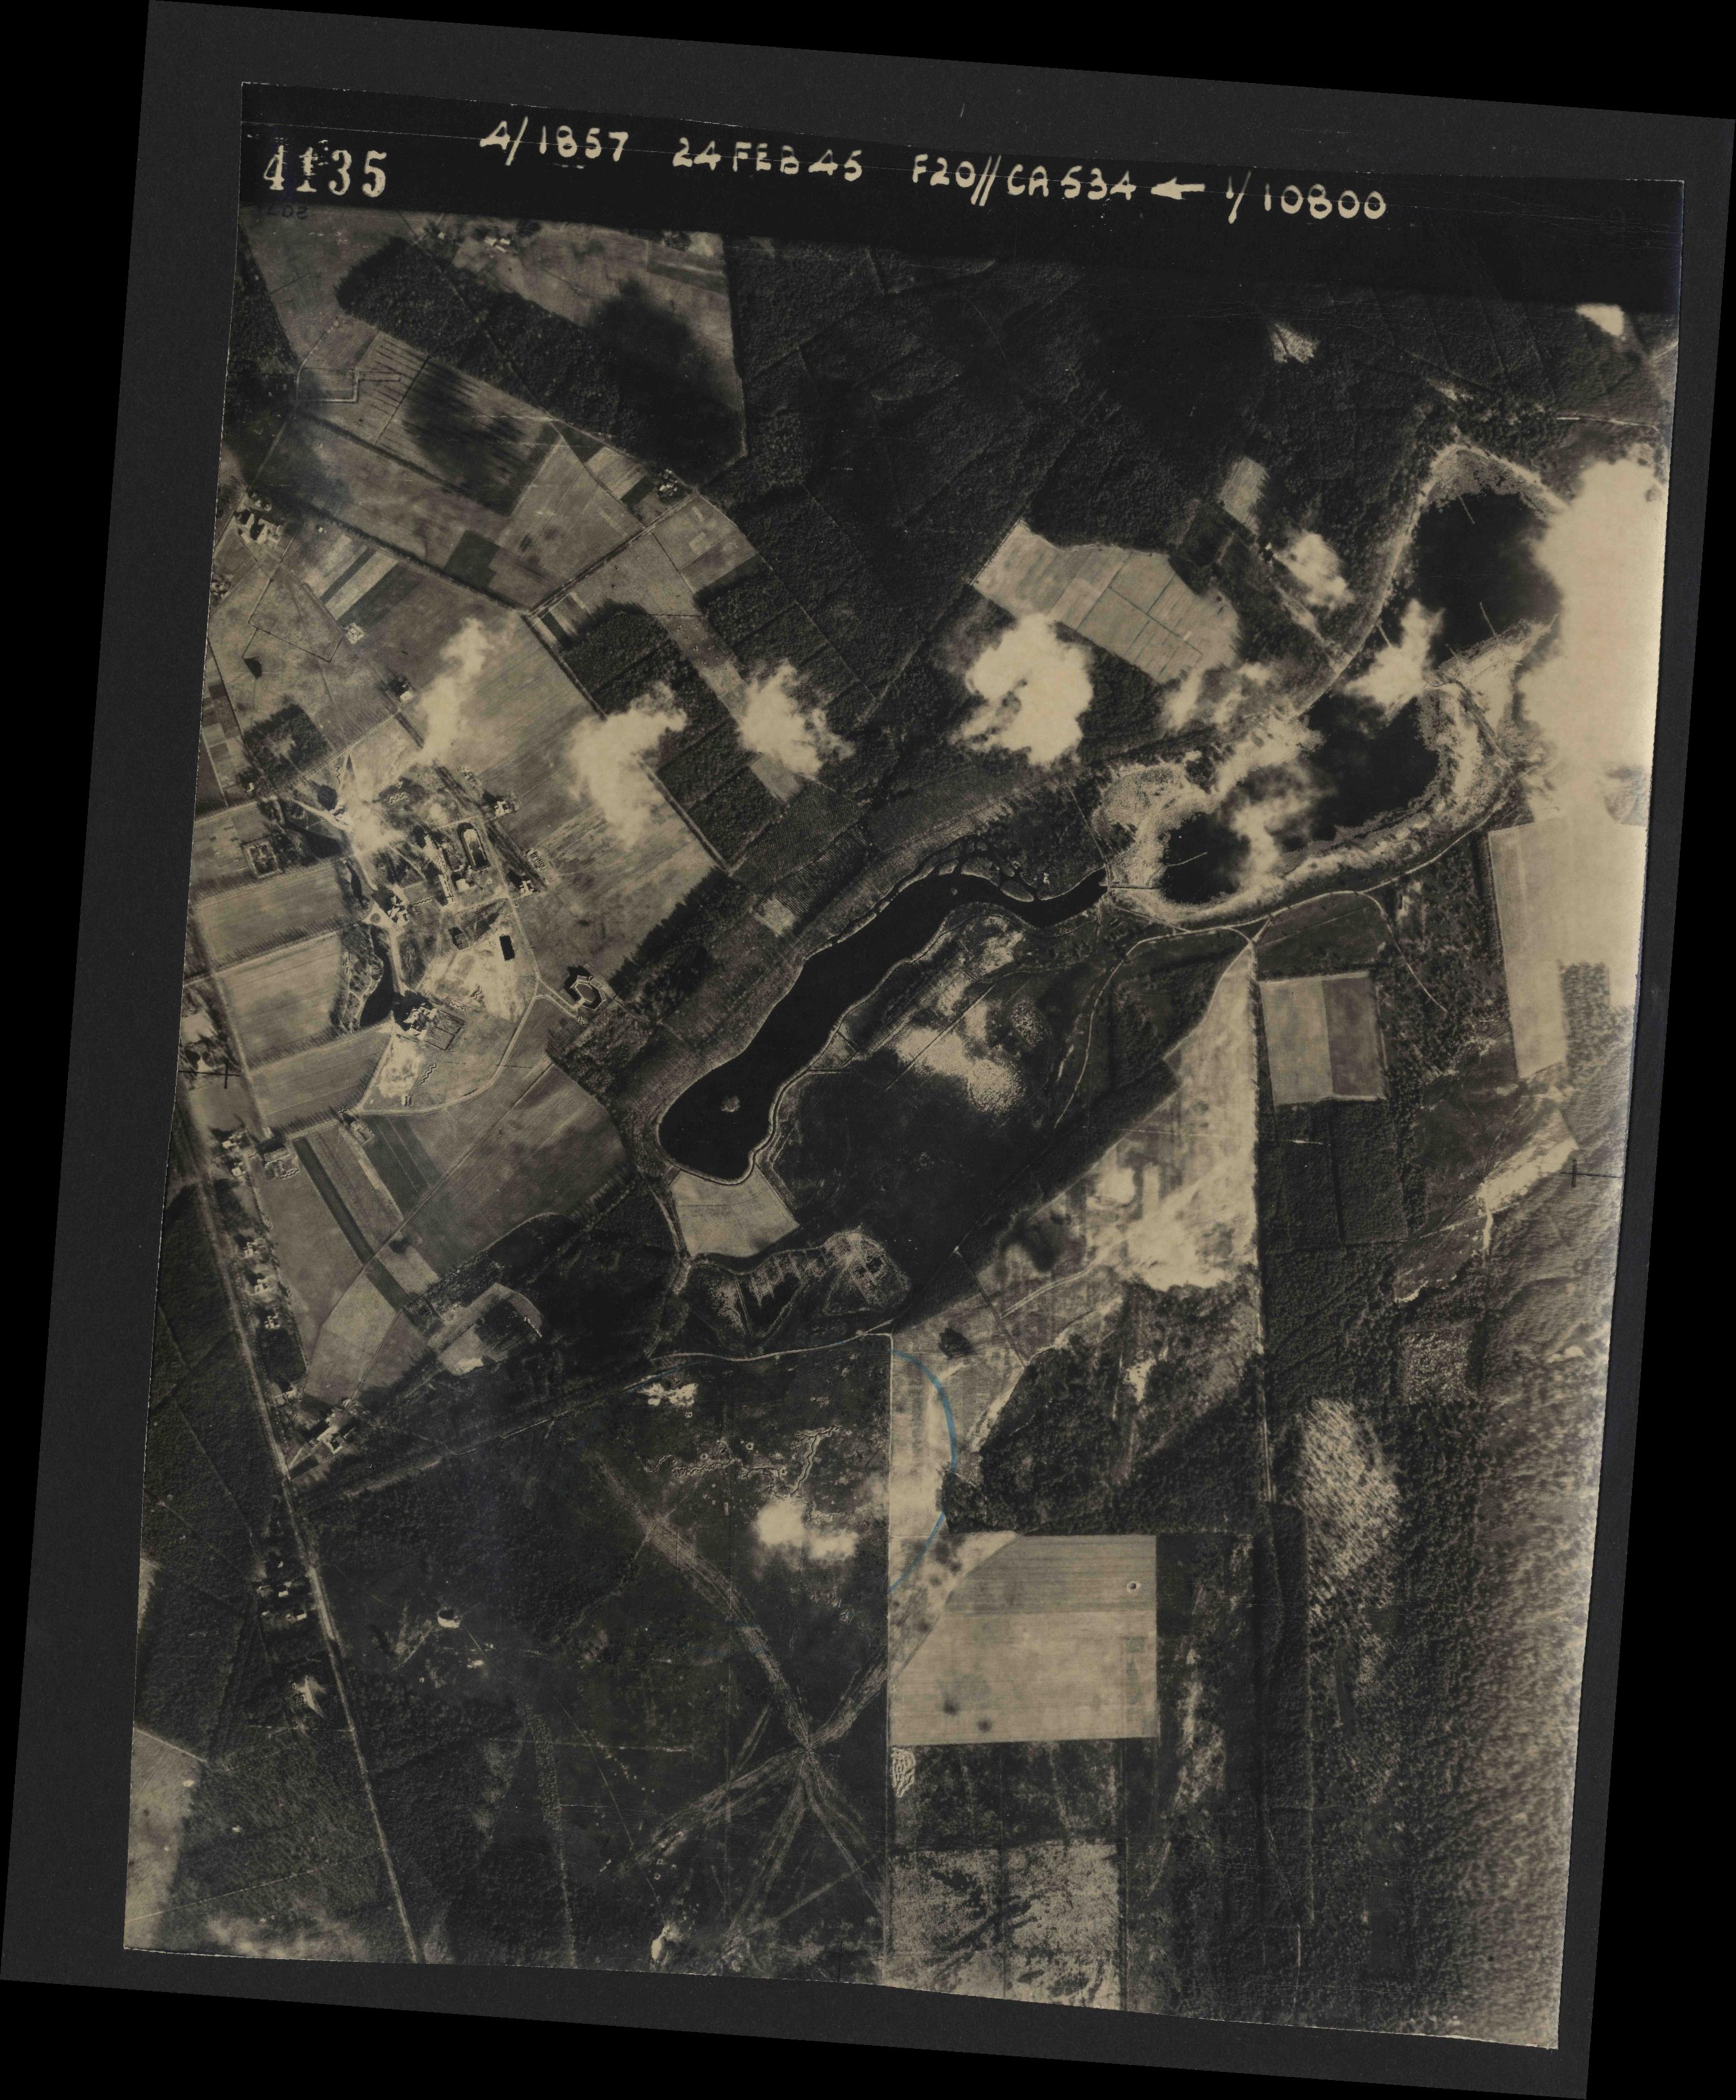 Collection RAF aerial photos 1940-1945 - flight 073, run 01, photo 4135